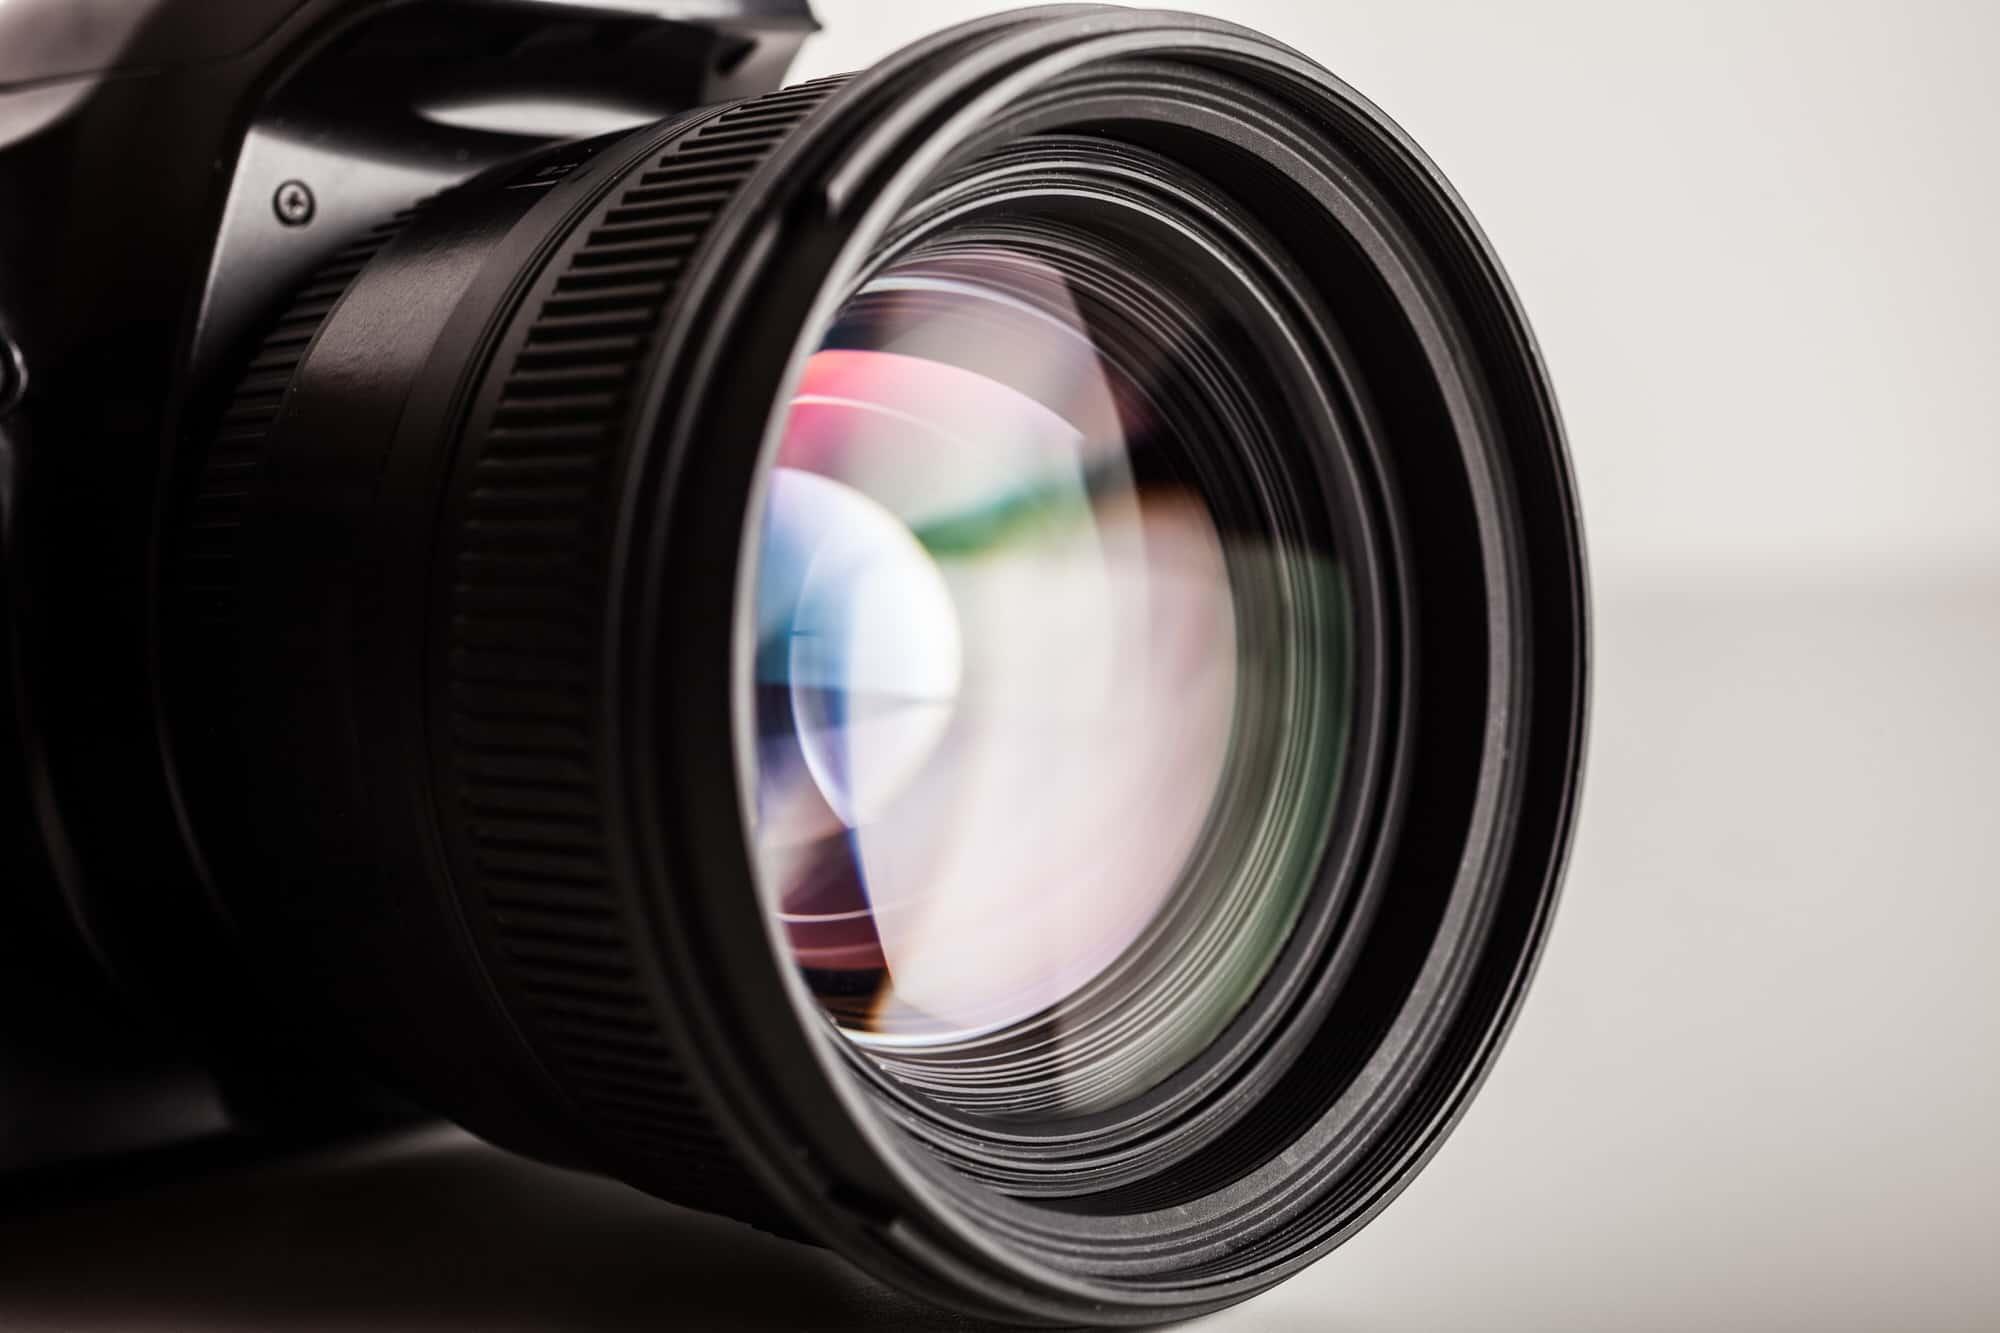 UV-Filter, Polfilter, Graufilter & Co: Welche Objektivfilter sind wirklich sinnvoll?